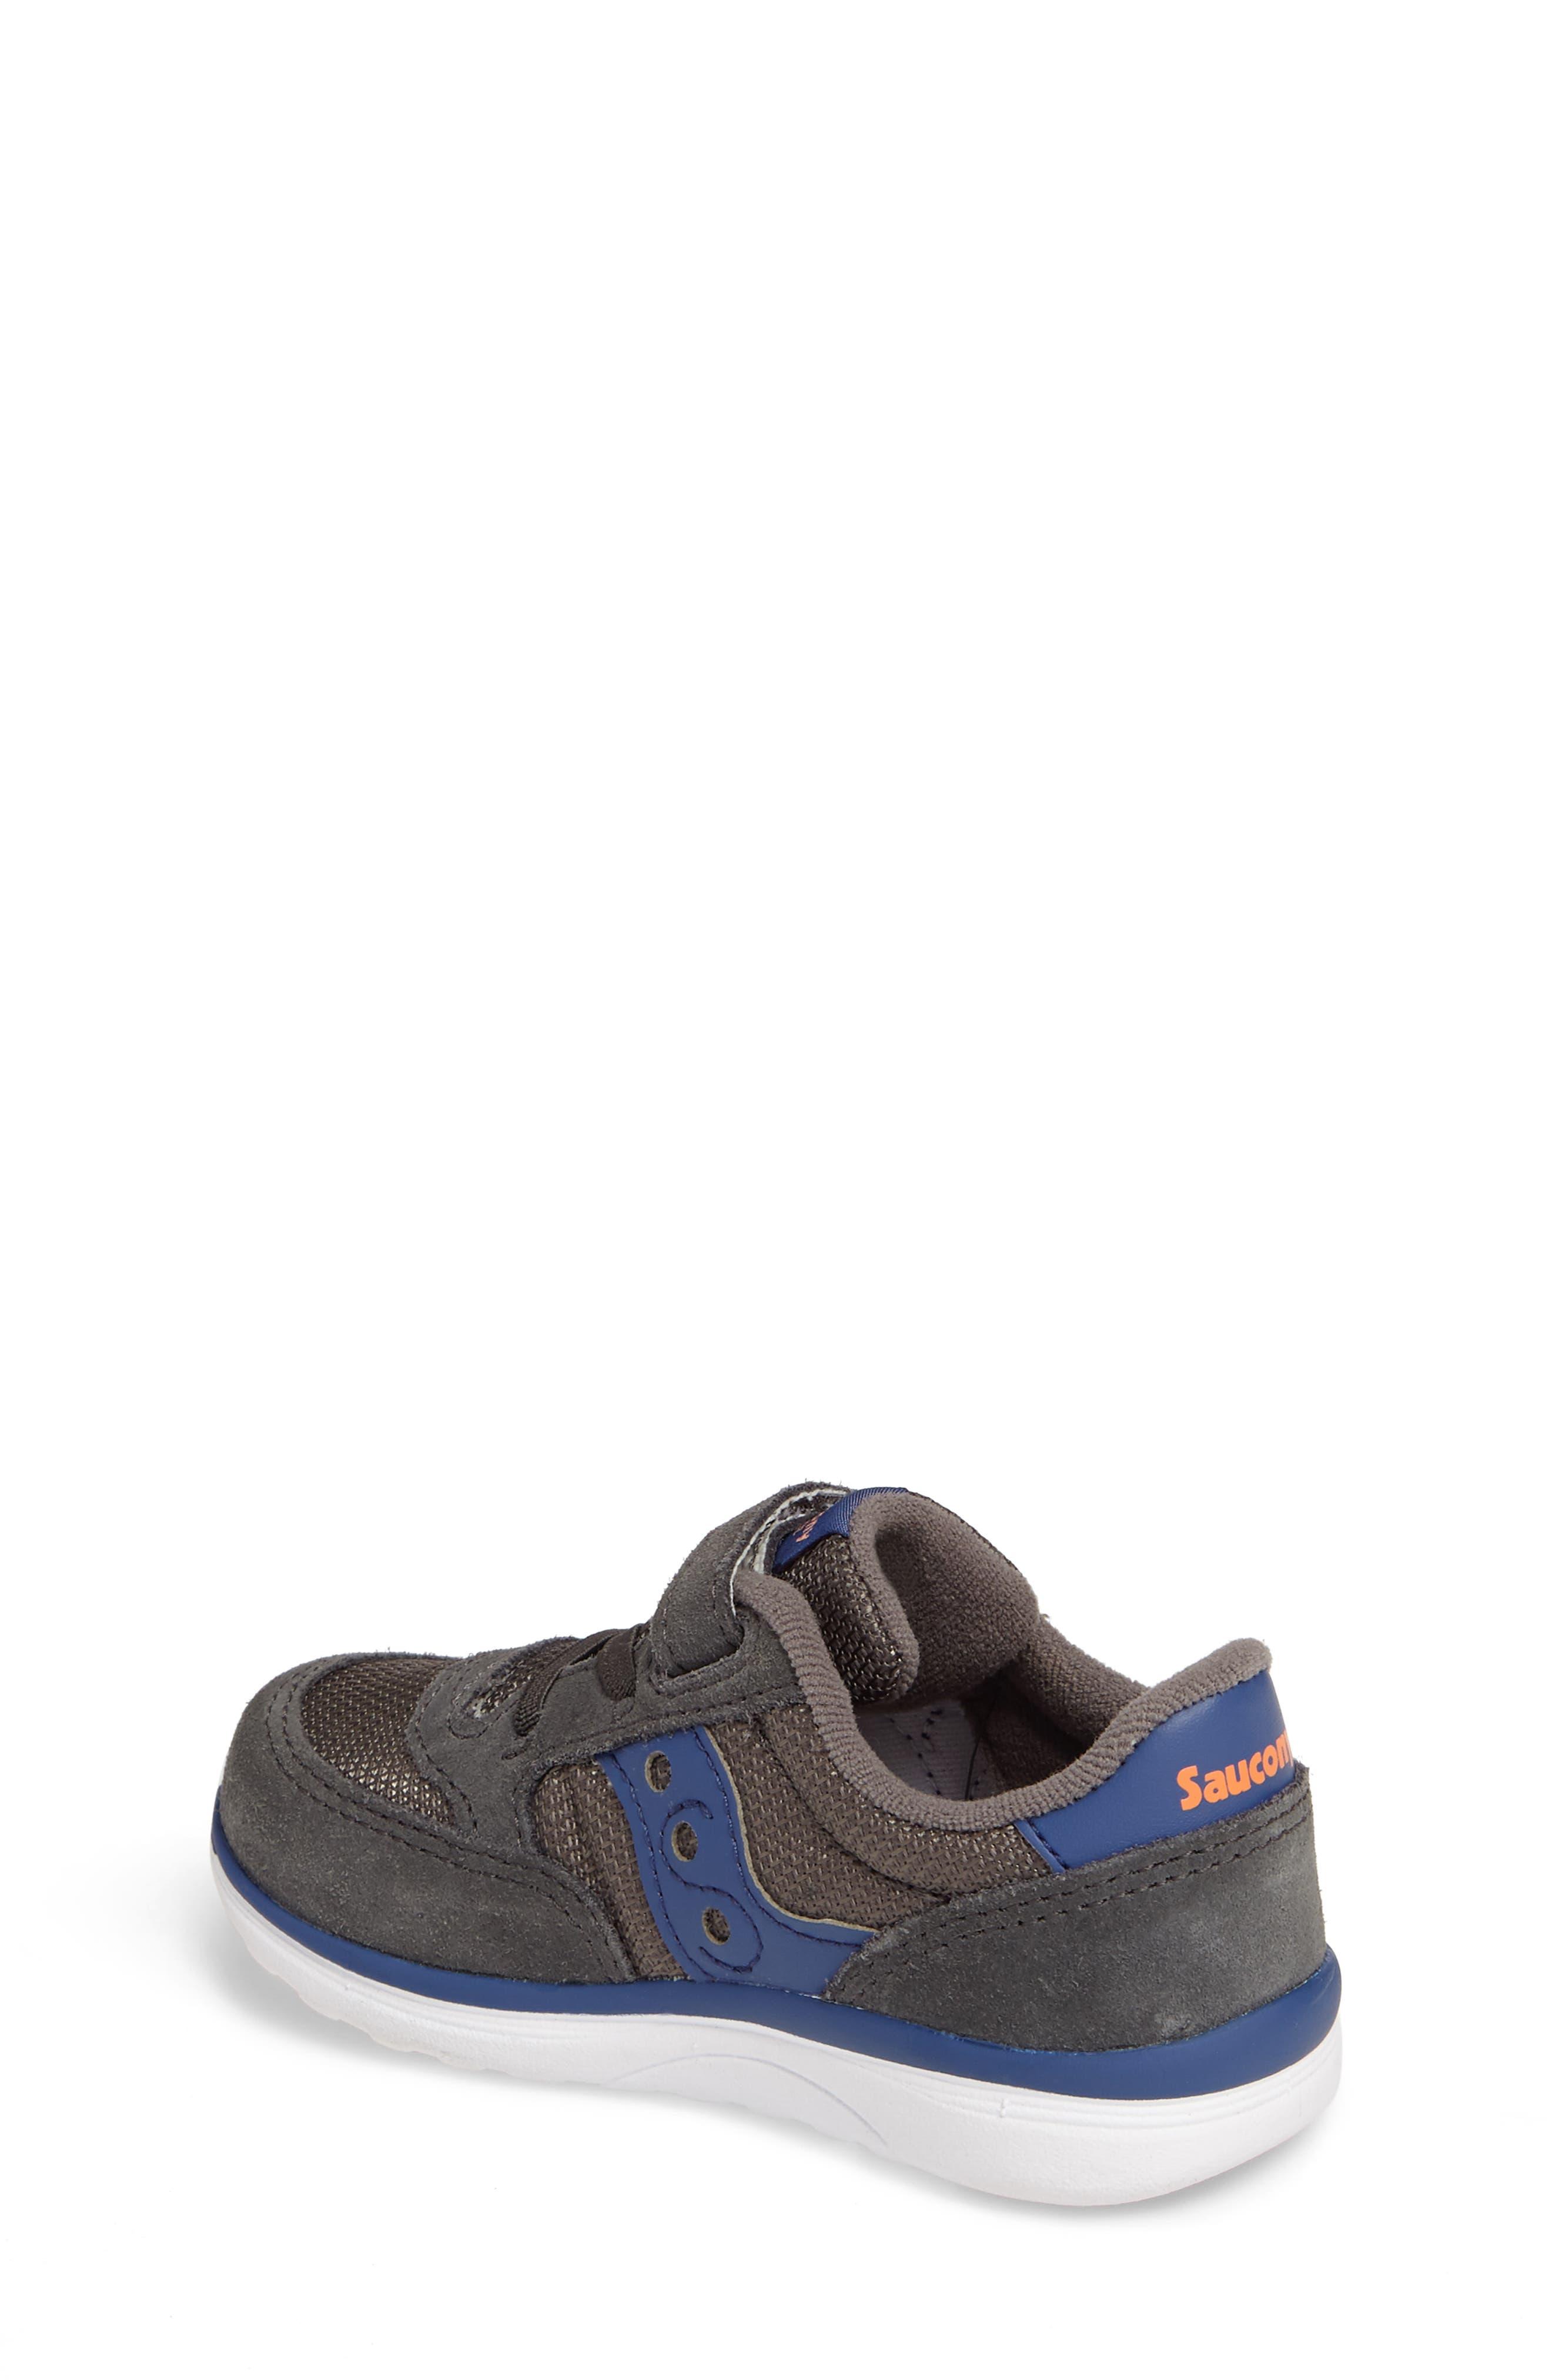 Baby Jazz Lite Sneaker,                             Alternate thumbnail 2, color,                             020